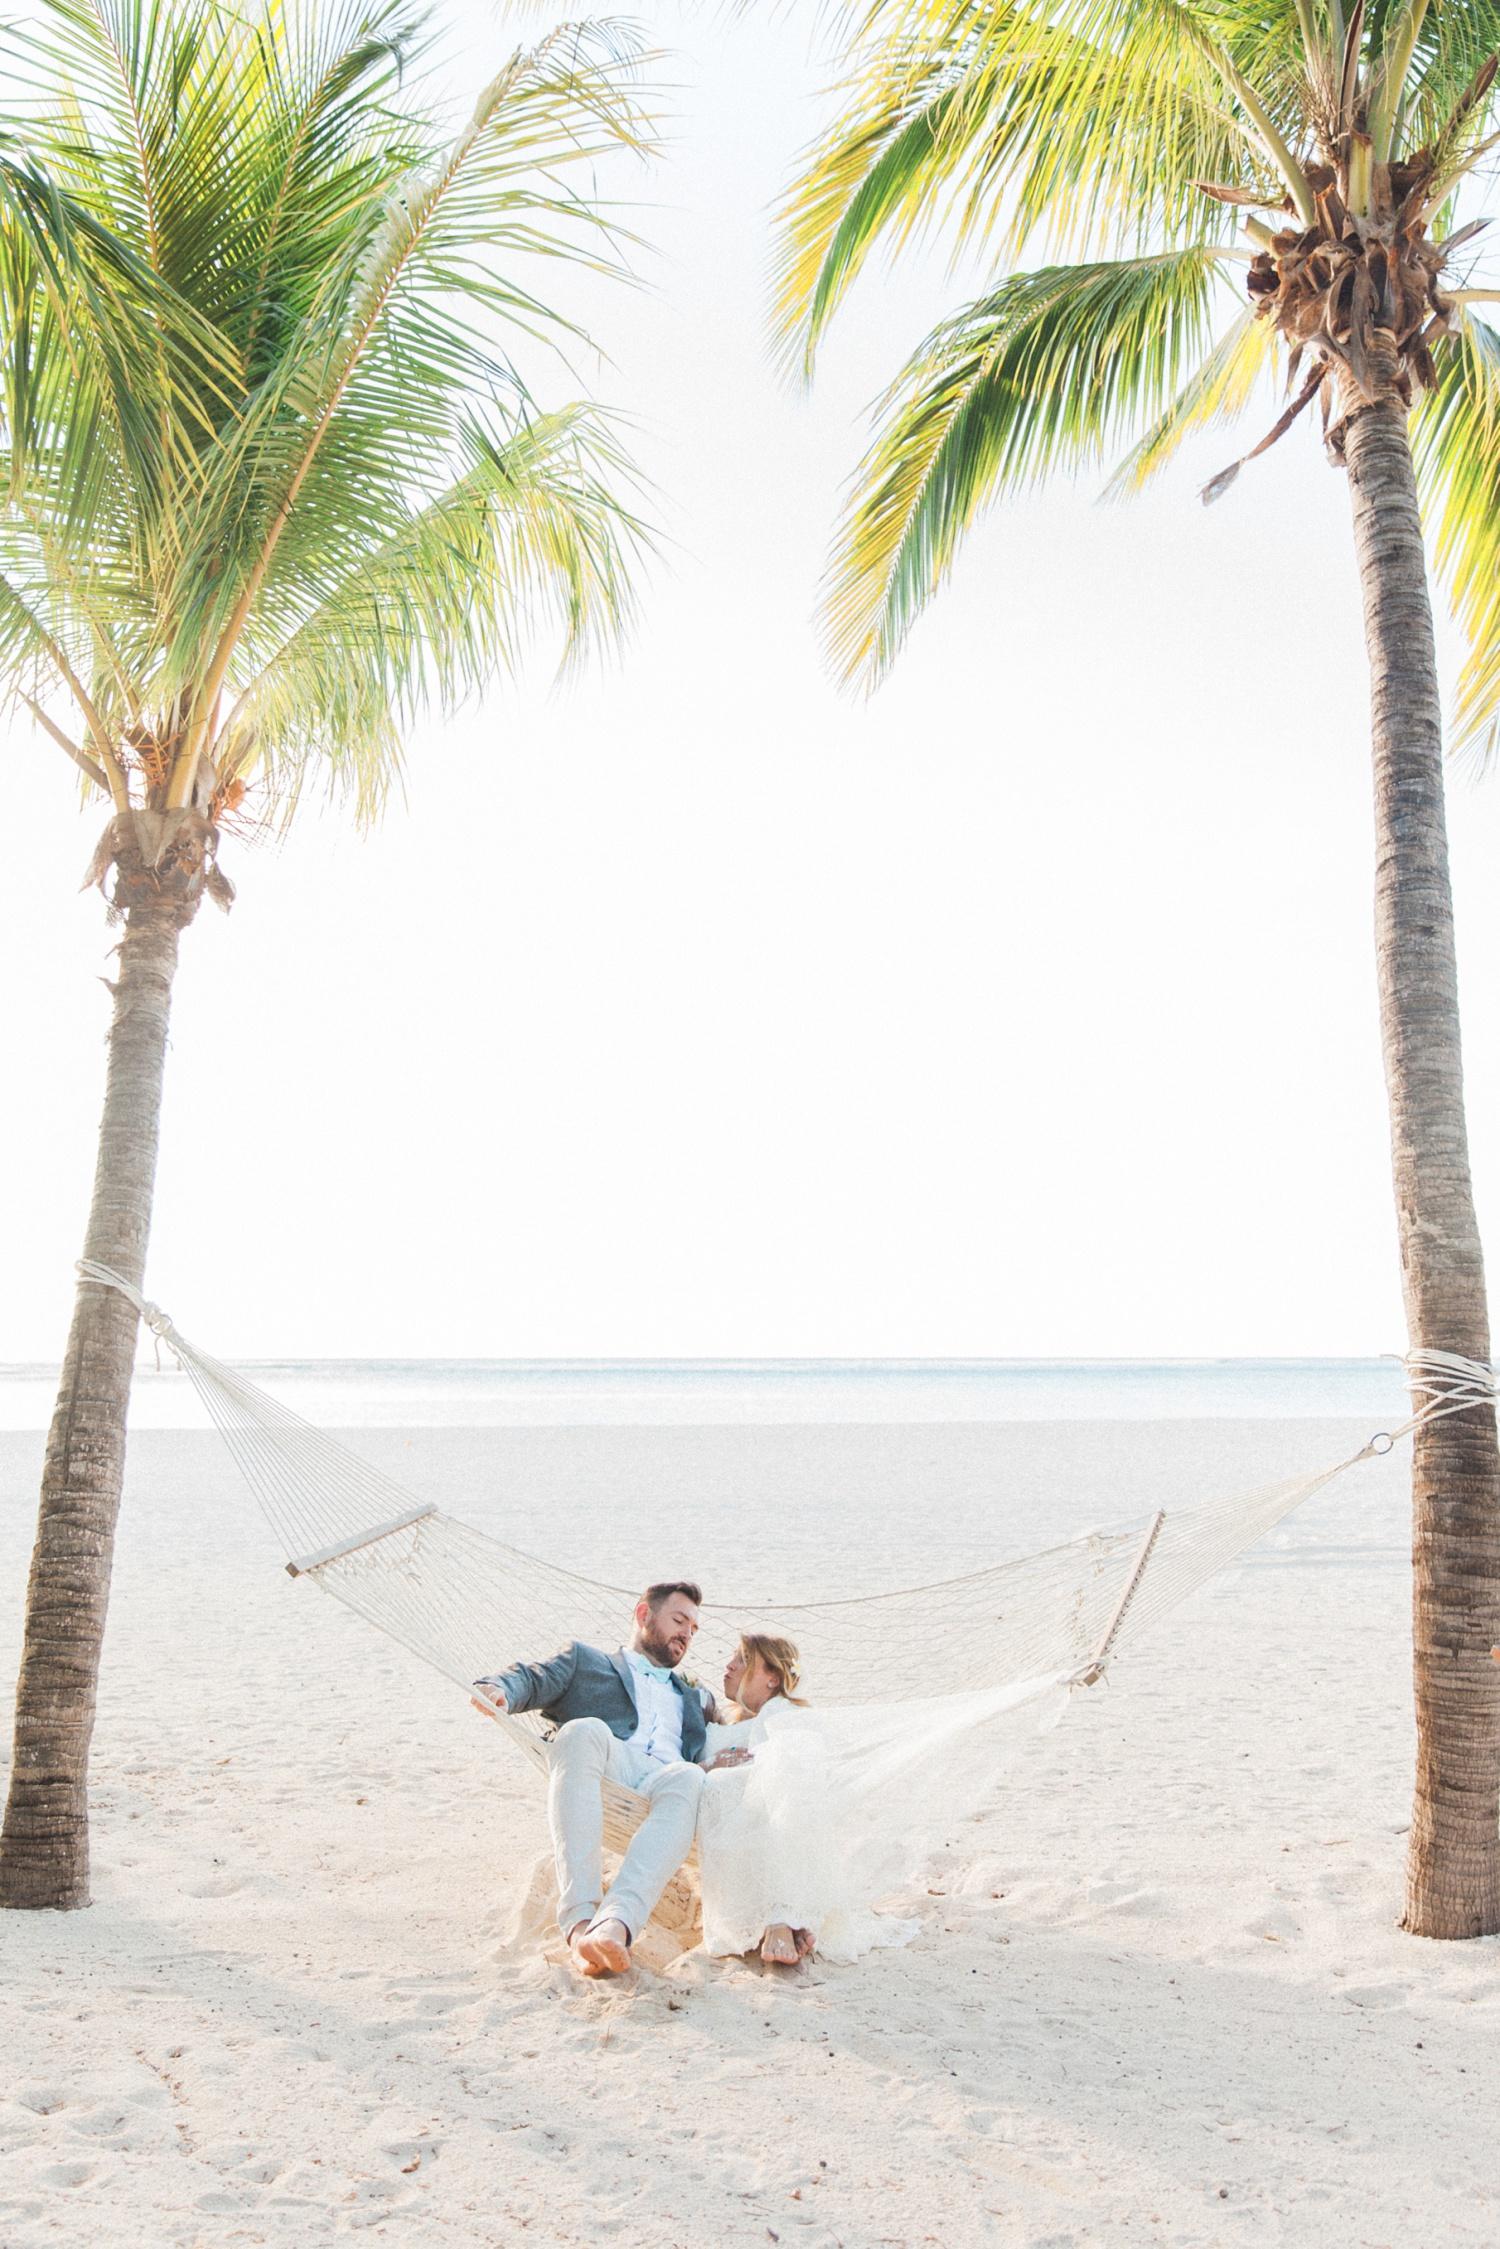 Luxury wedding destinations around the world